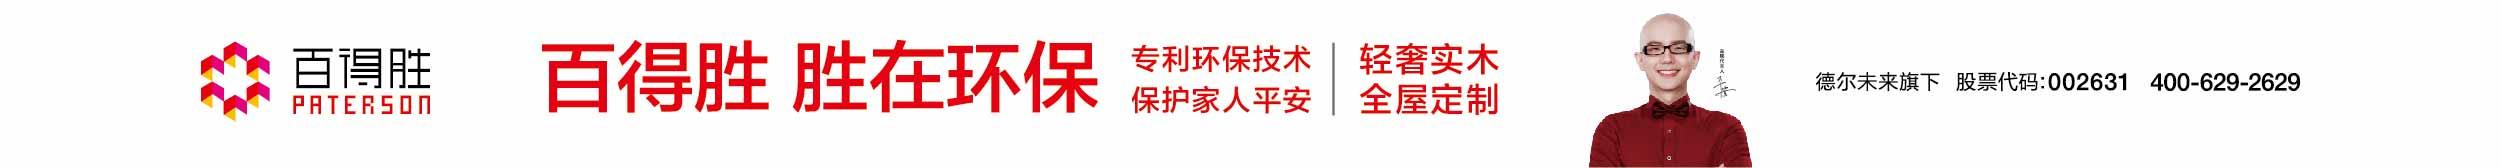 百得胜(新logo发布会)